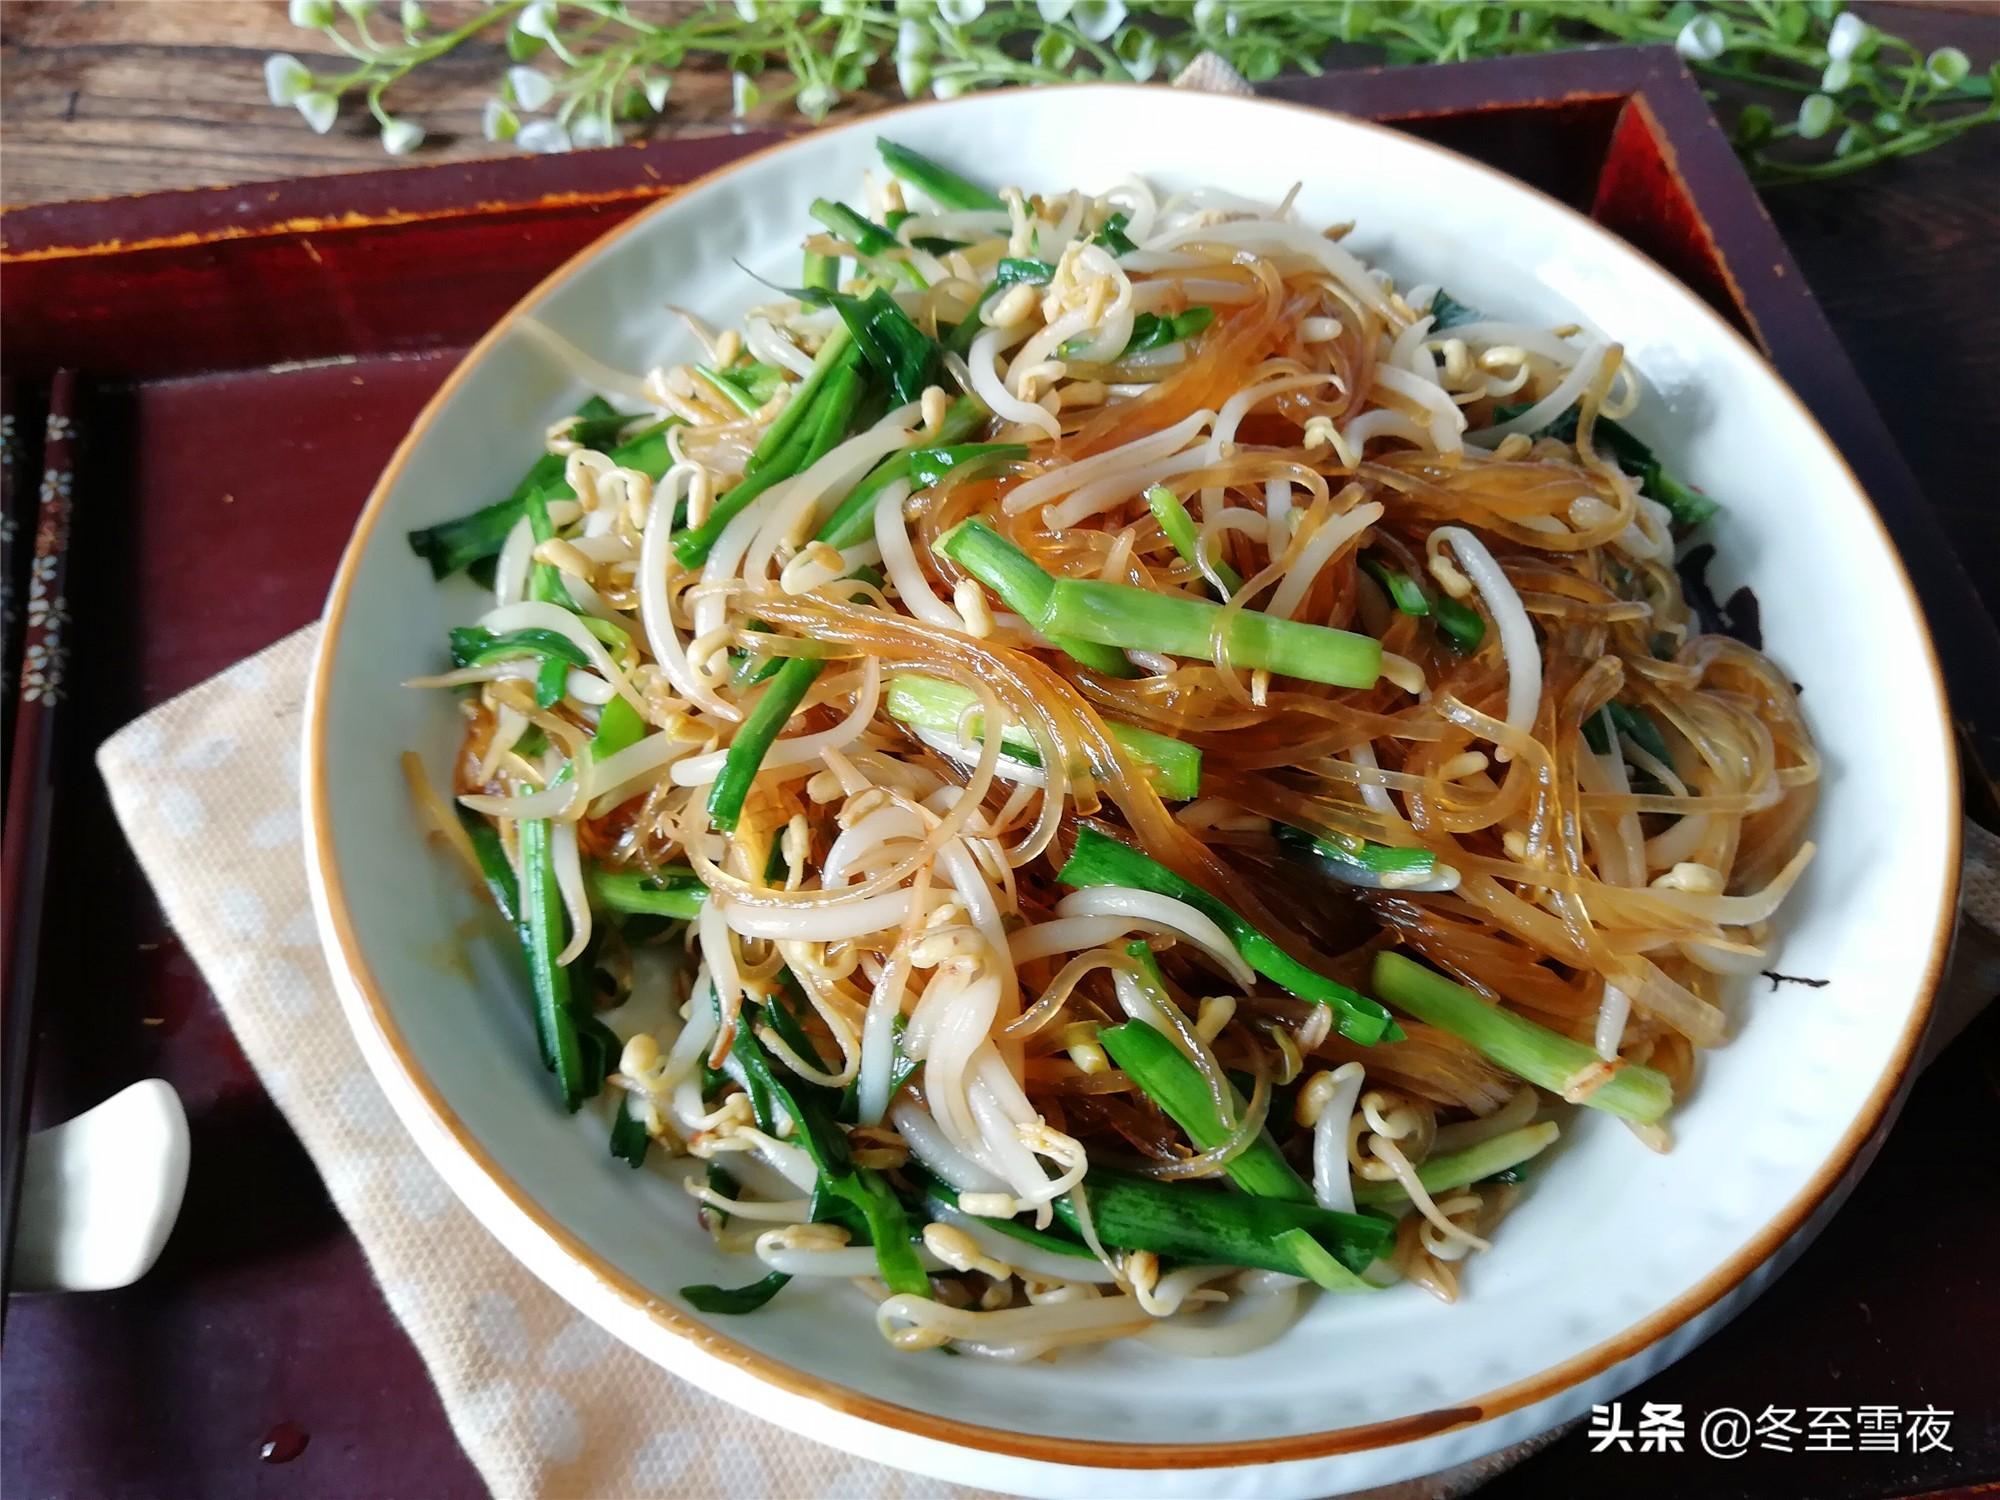 12道韭菜的做法,鲜香味美,鲜味十足 美食做法 第9张